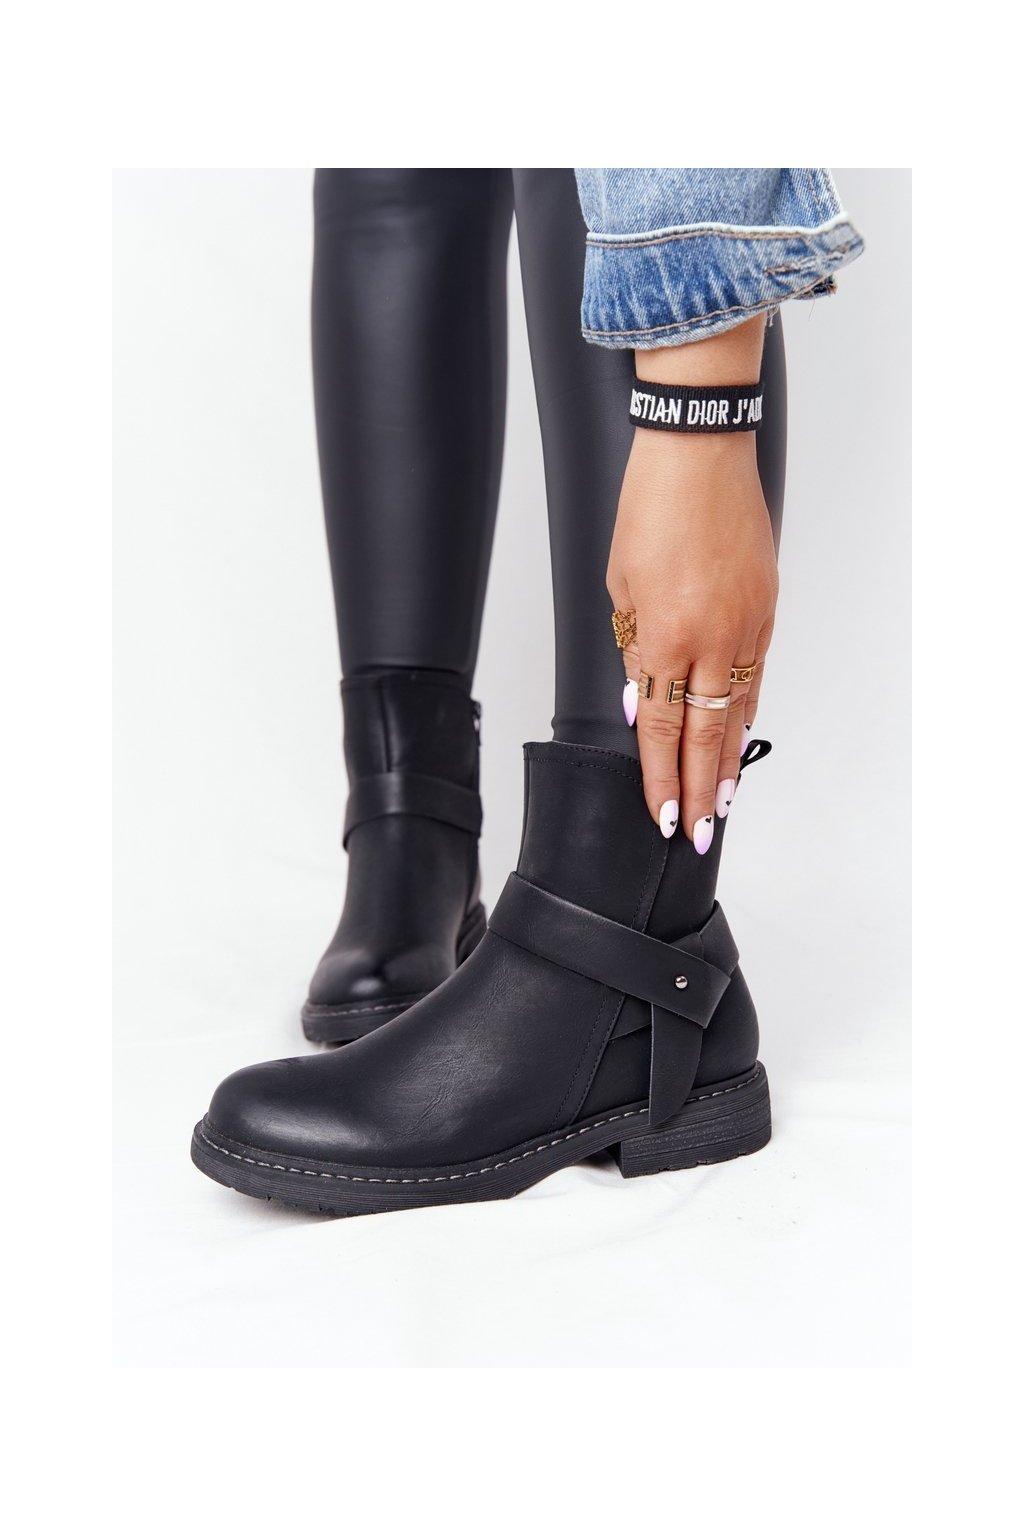 Členkové topánky na podpätku farba čierna kód obuvi 20Y8083-1 BLK